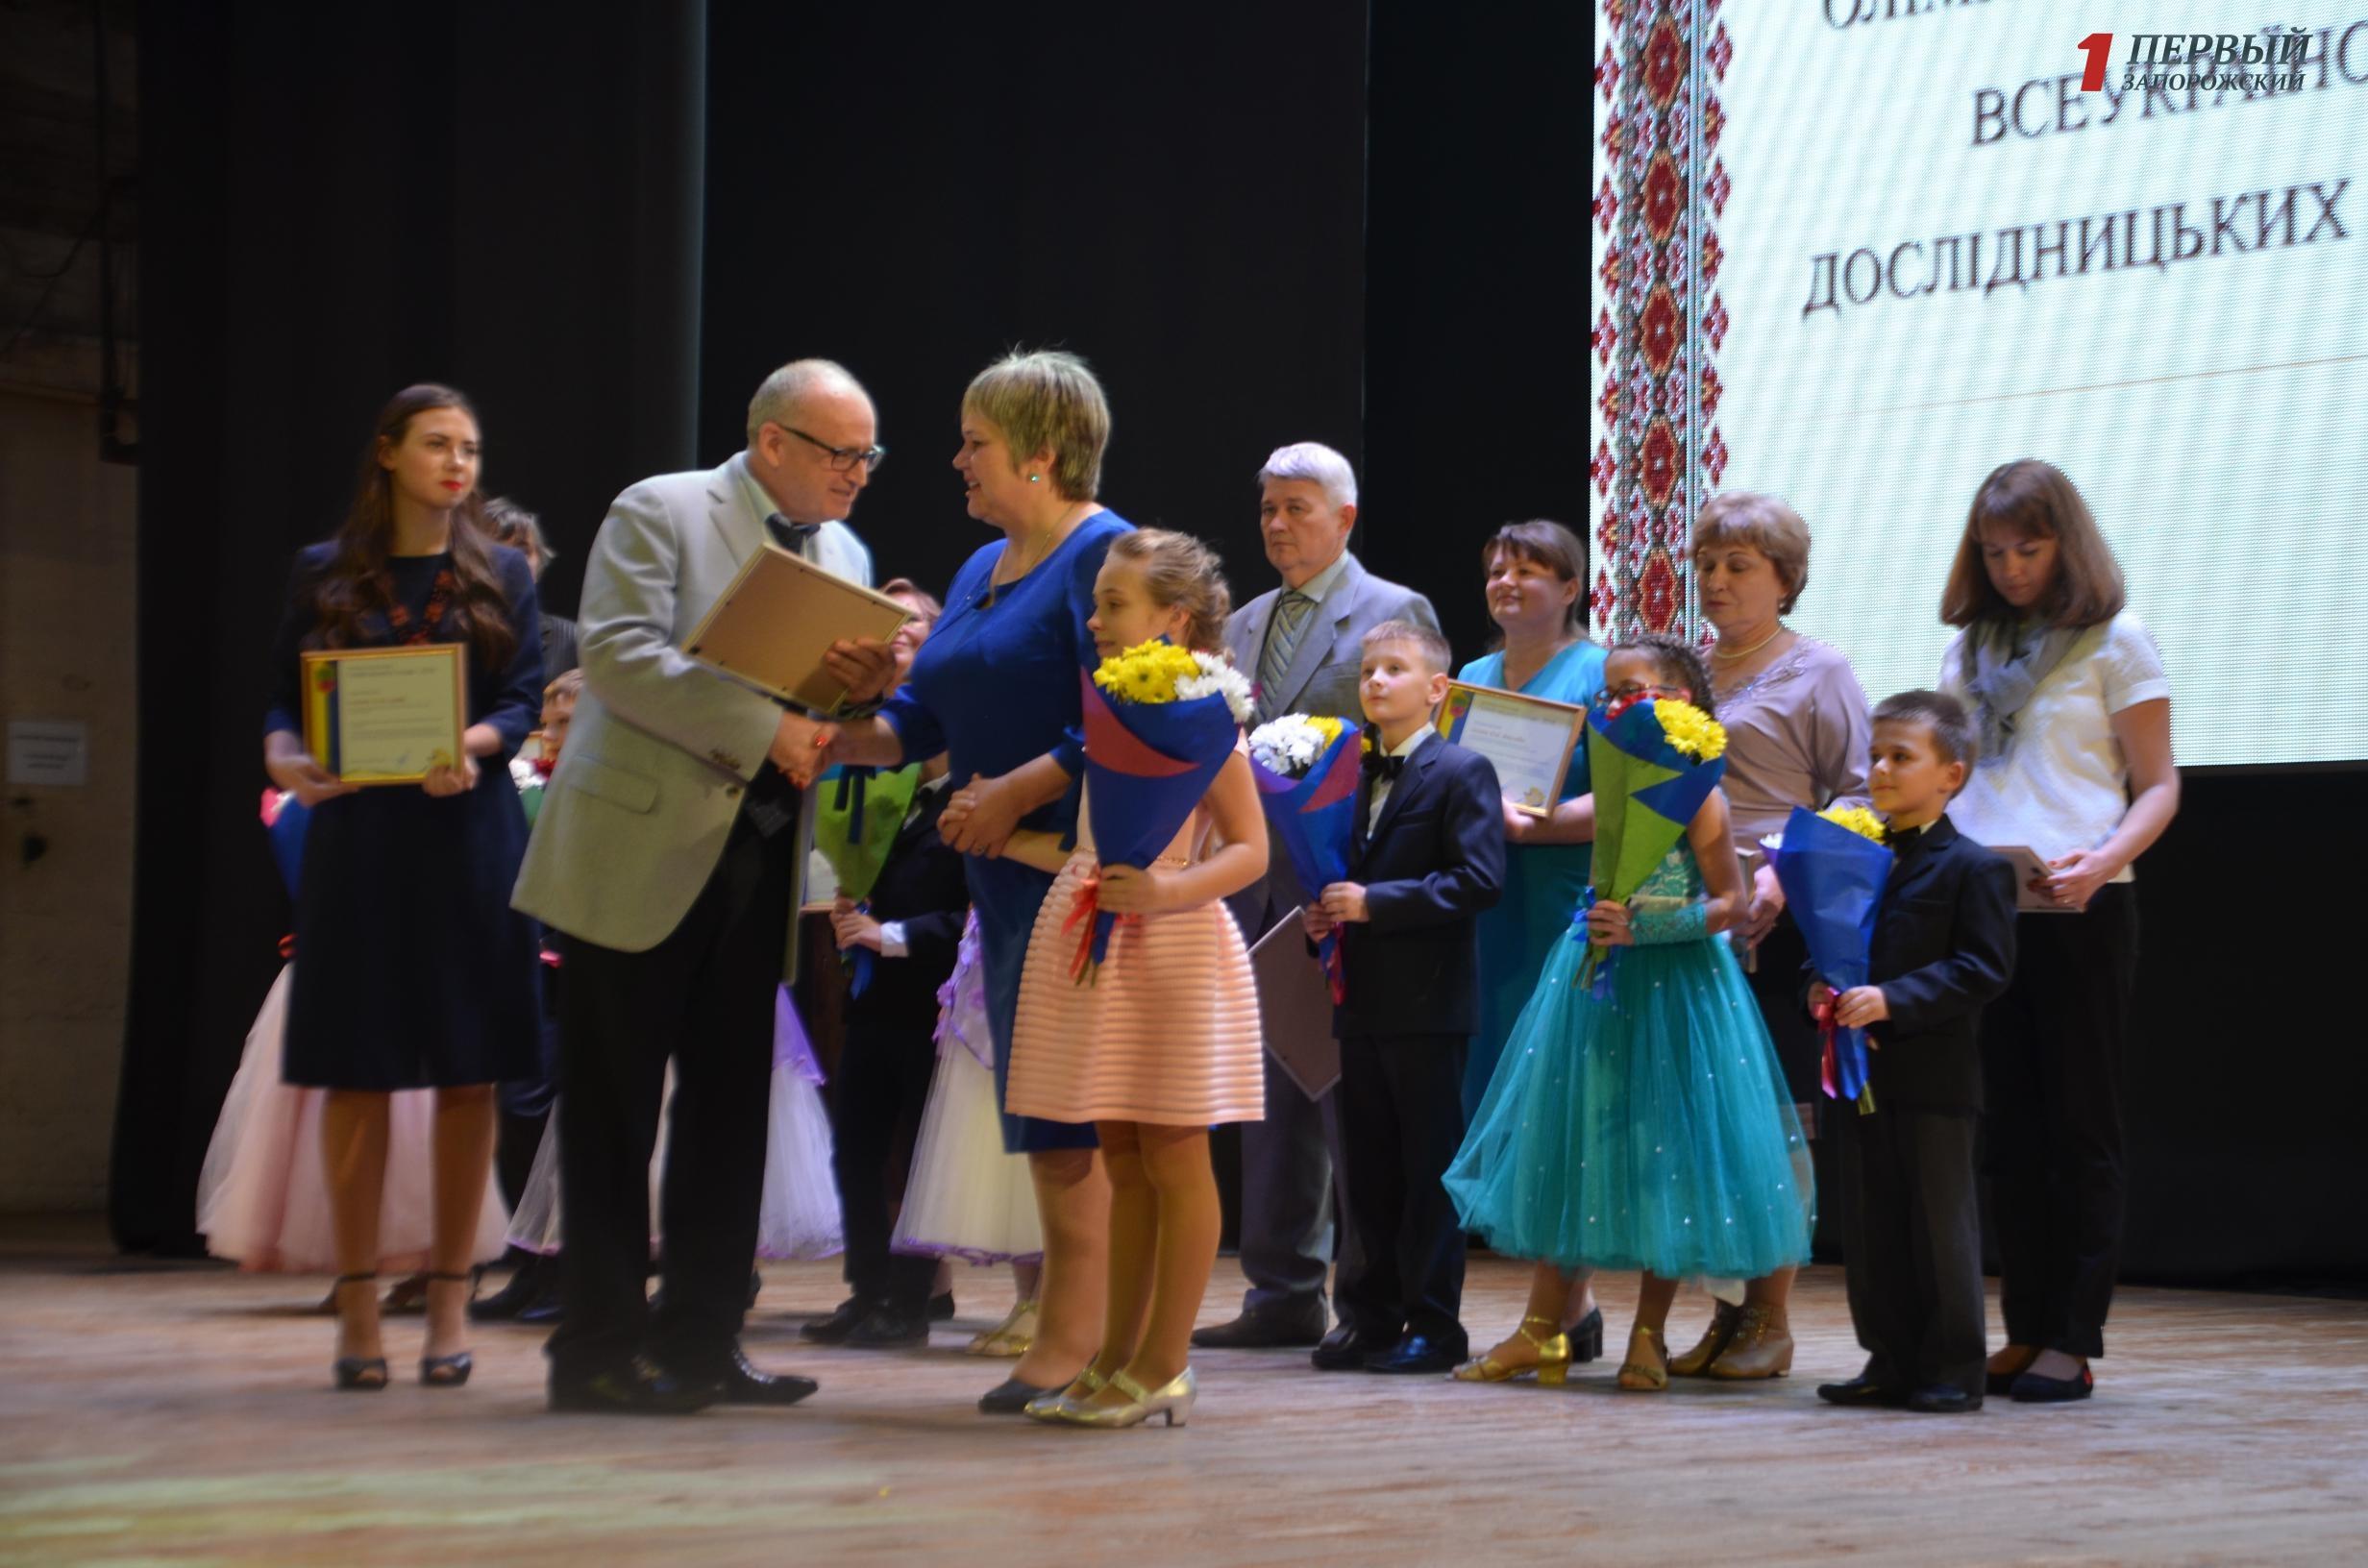 Поздравления и концертная программа: в Запорожье отметили лучших учителей - ФОТО, ВИДЕО